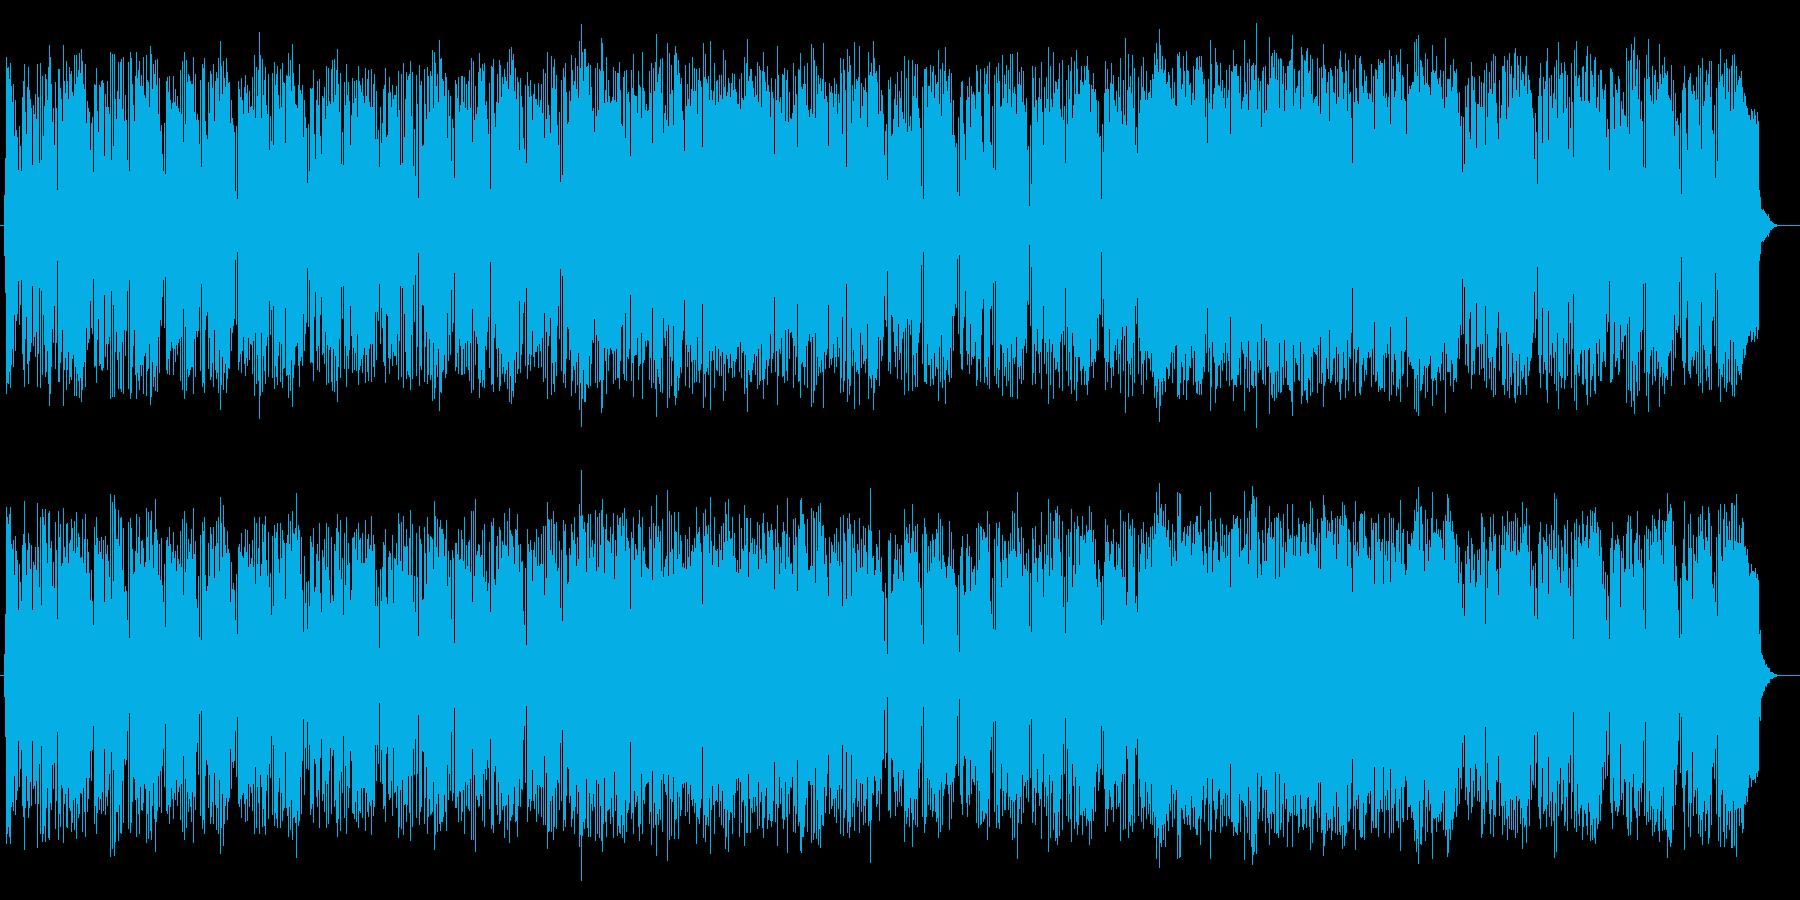 オシャレかわいいテクノポップの再生済みの波形